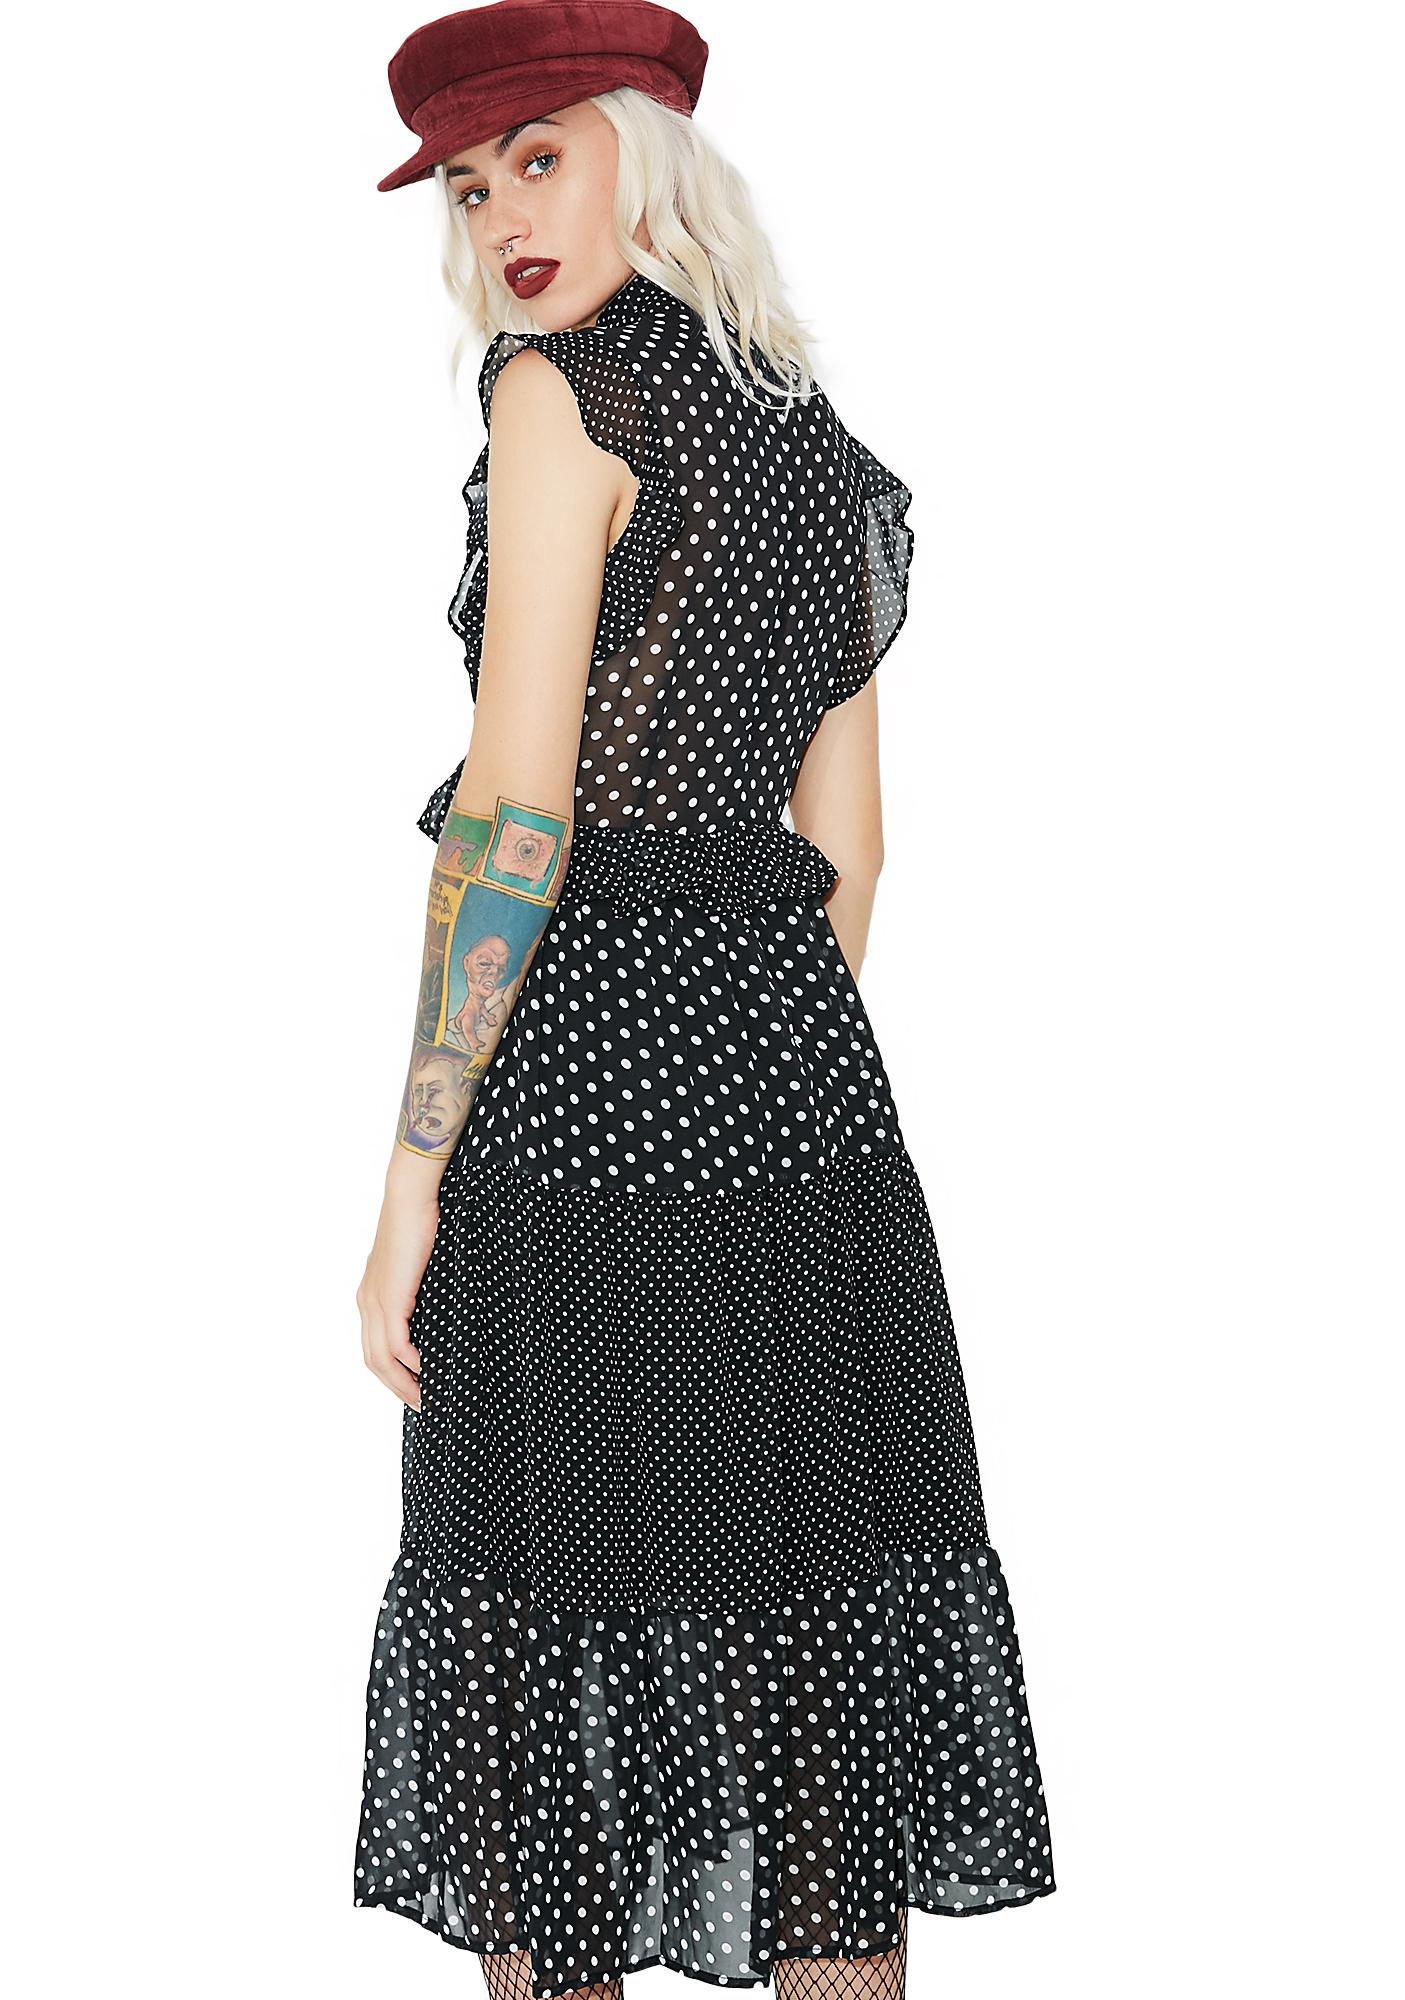 Gettin' Good Polka Dot Dress